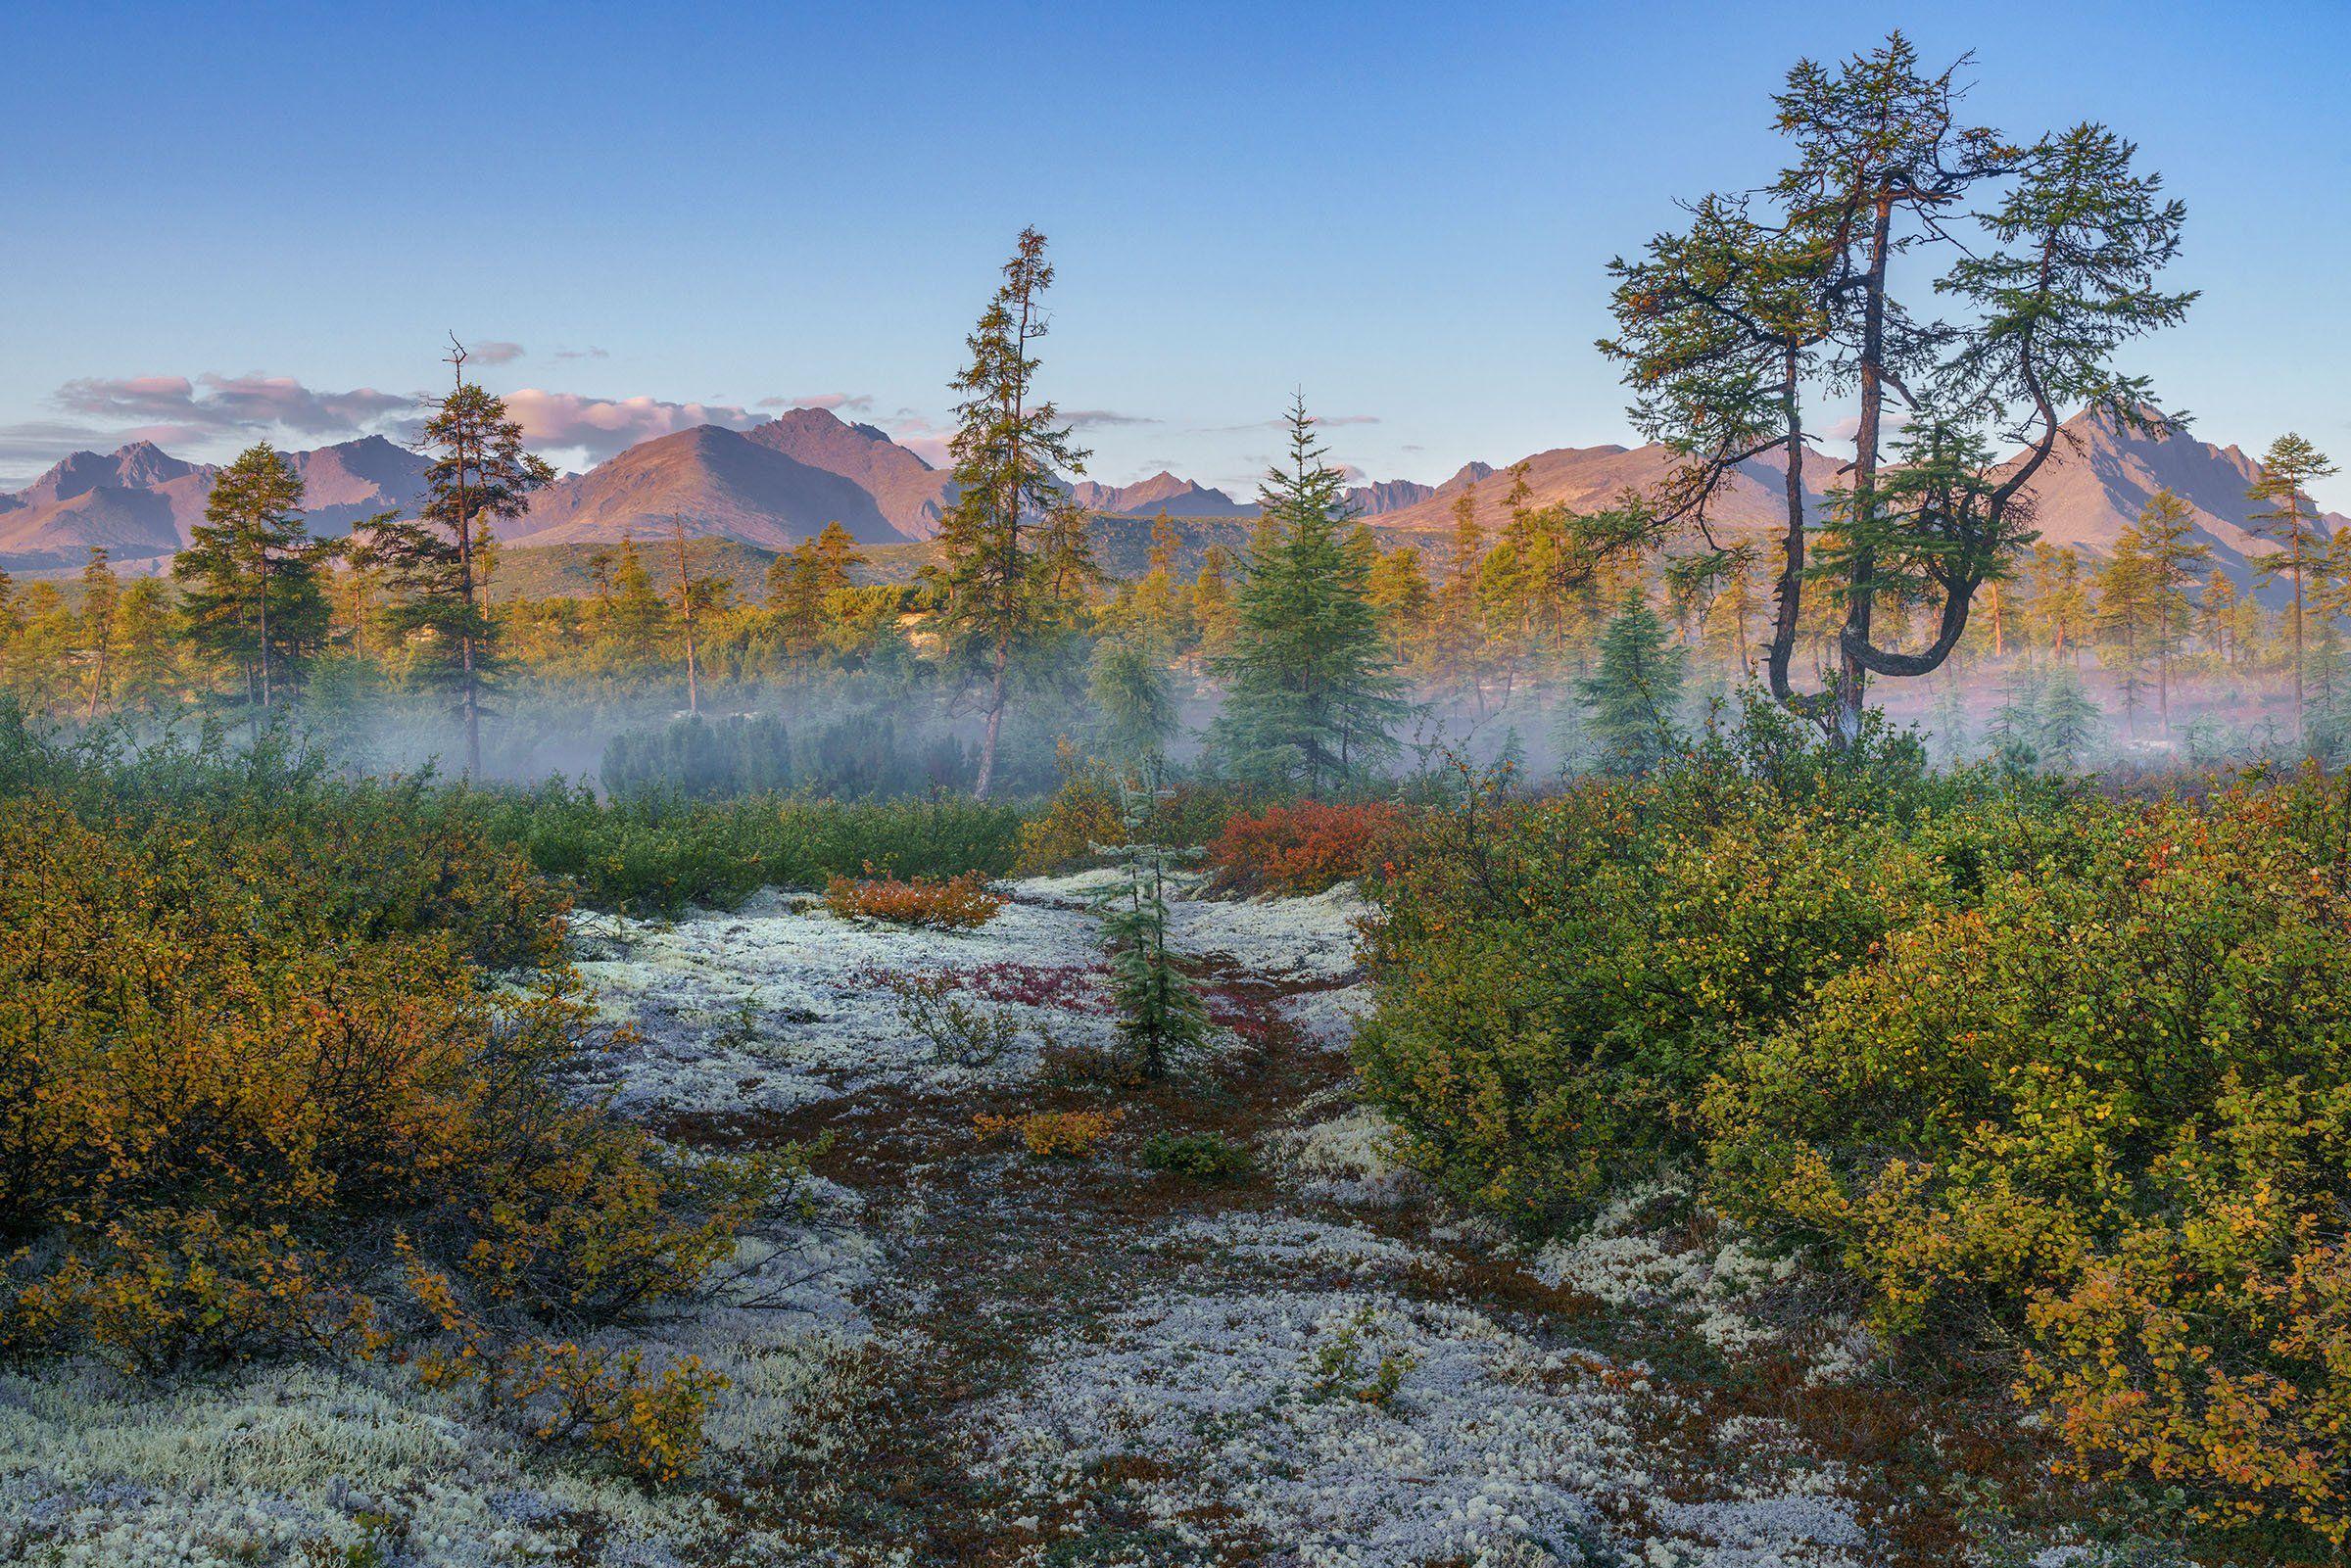 Колыма, озеро Джека Лондона, туман, осень., Владимир Рябков